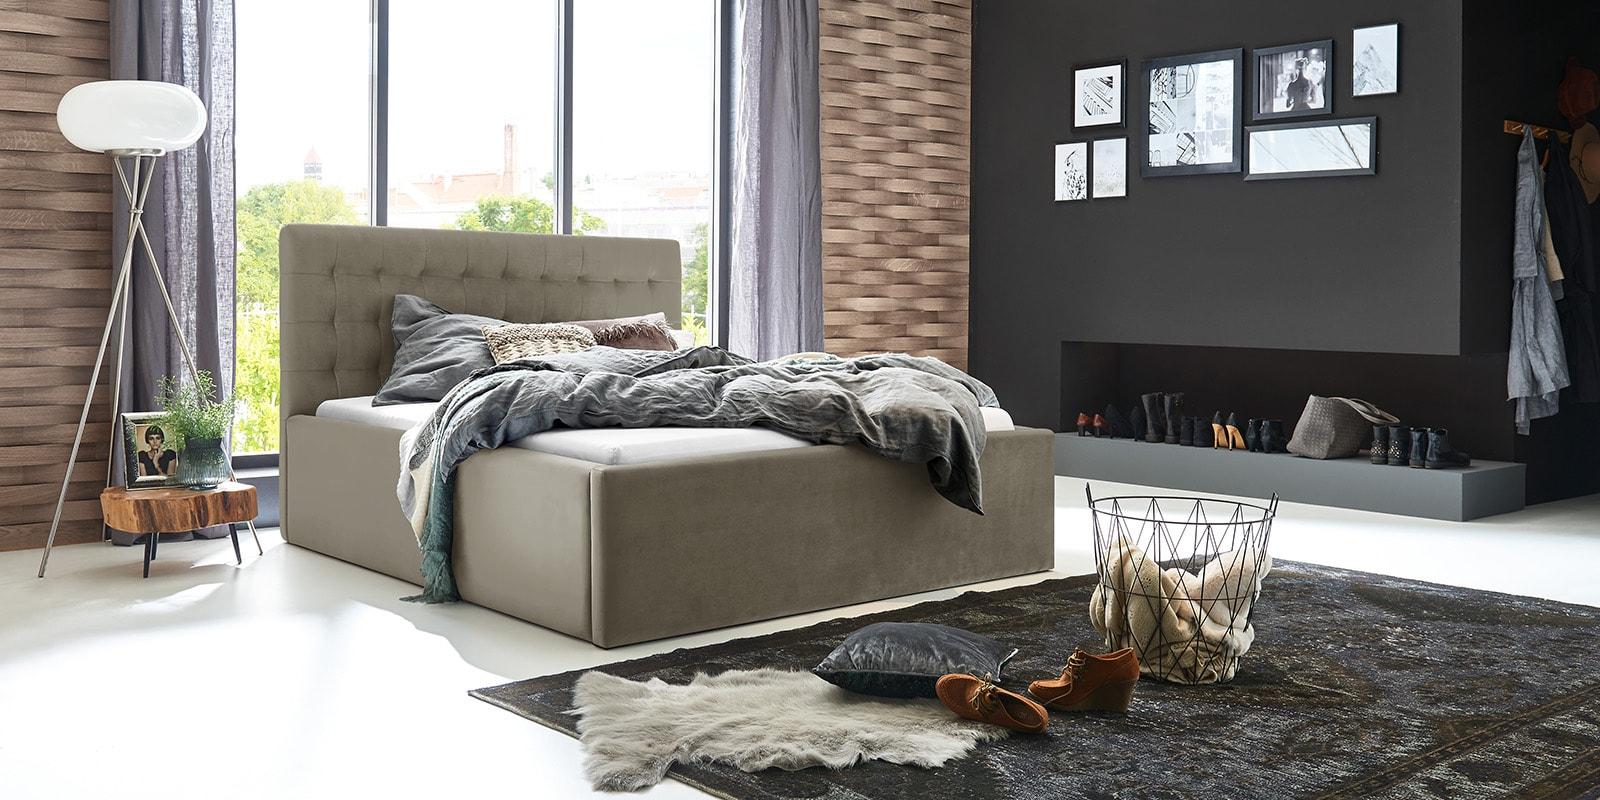 Moebella24 - Bett - mit - Bettkasten - Molly - Samt - Taupe - Stauraum - Bettkasten - und - Lattenrost - vormontiert - verstärkte - Dämpfer - Von - vorne - links